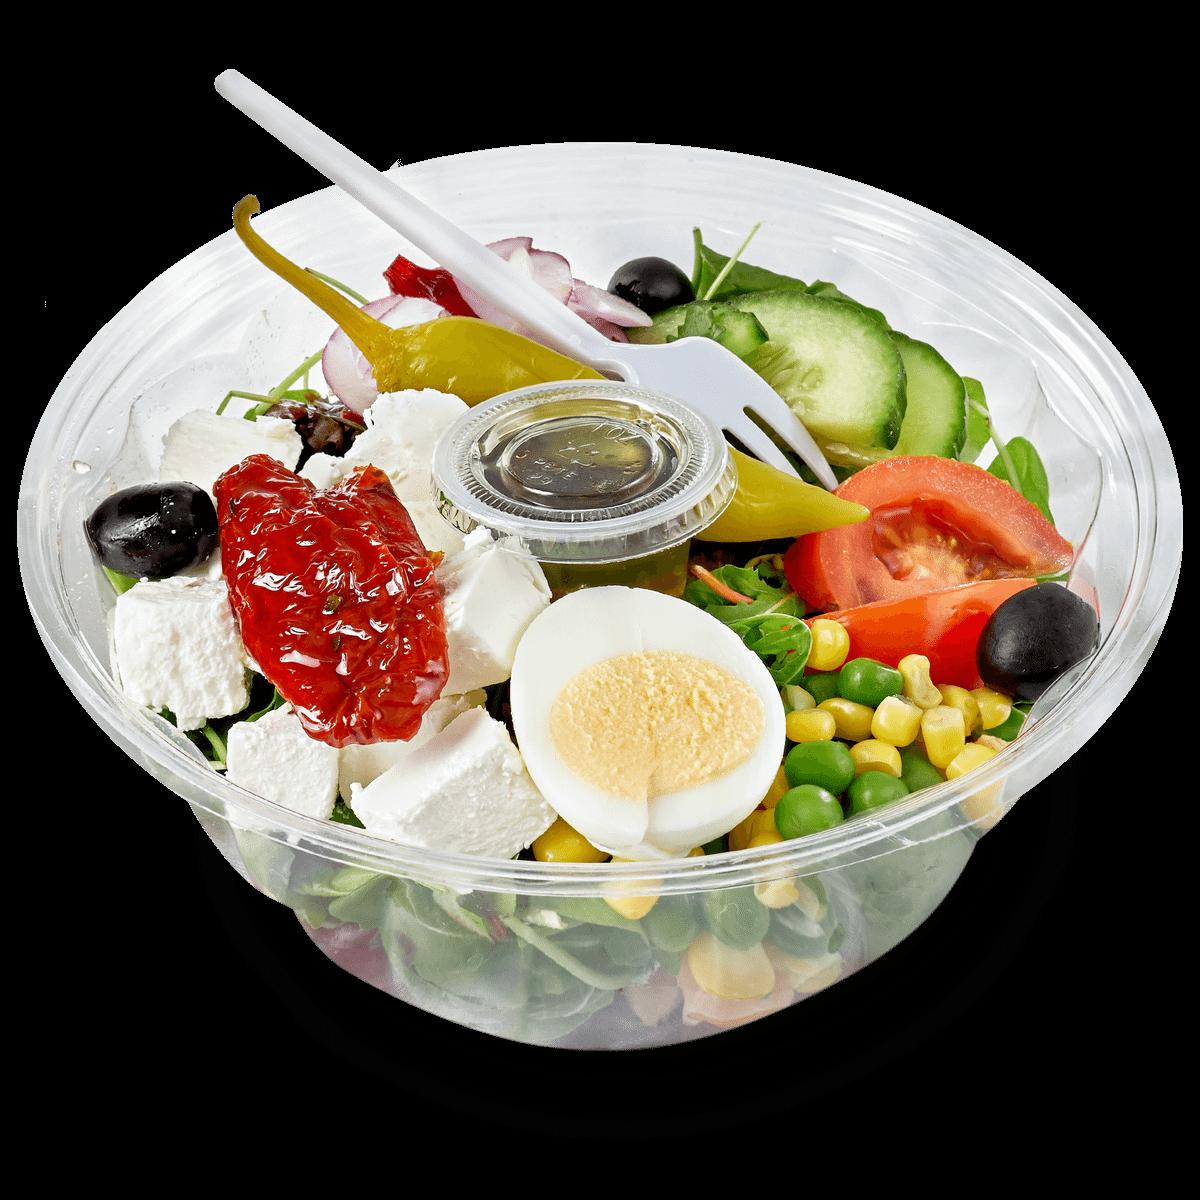 sallader-gronsaksallad-med-feta-01